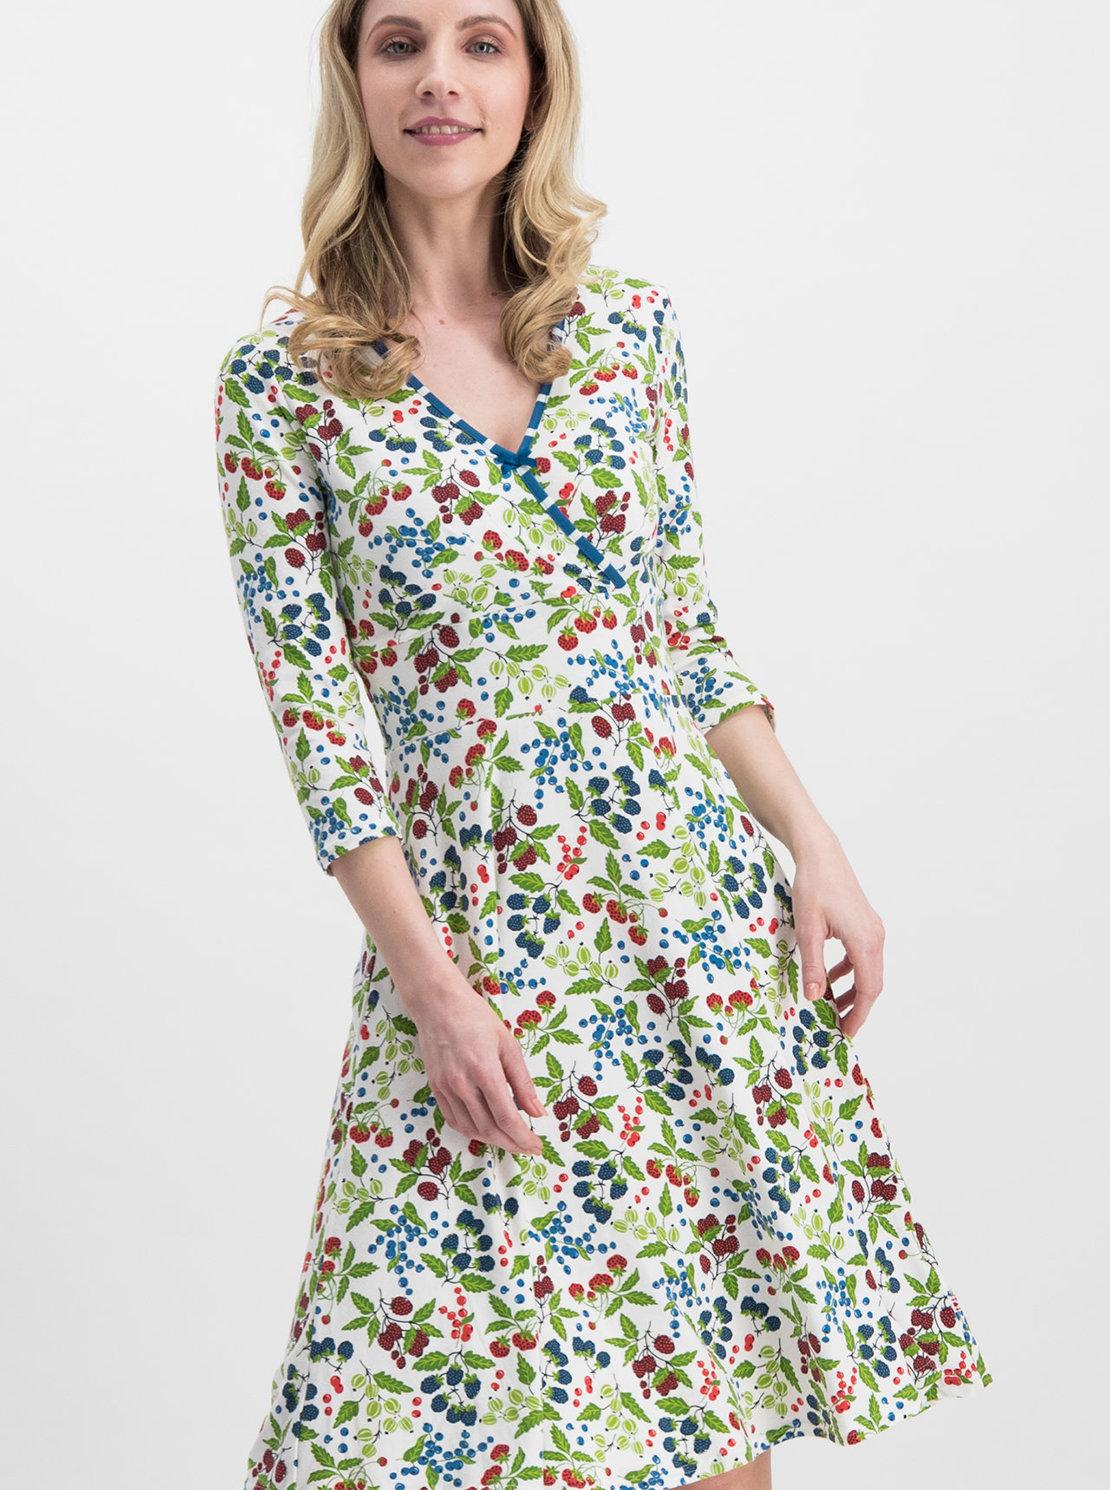 d9c100671424 Biele vzorované šaty Blutsgeschwister Falleri Fallera ...